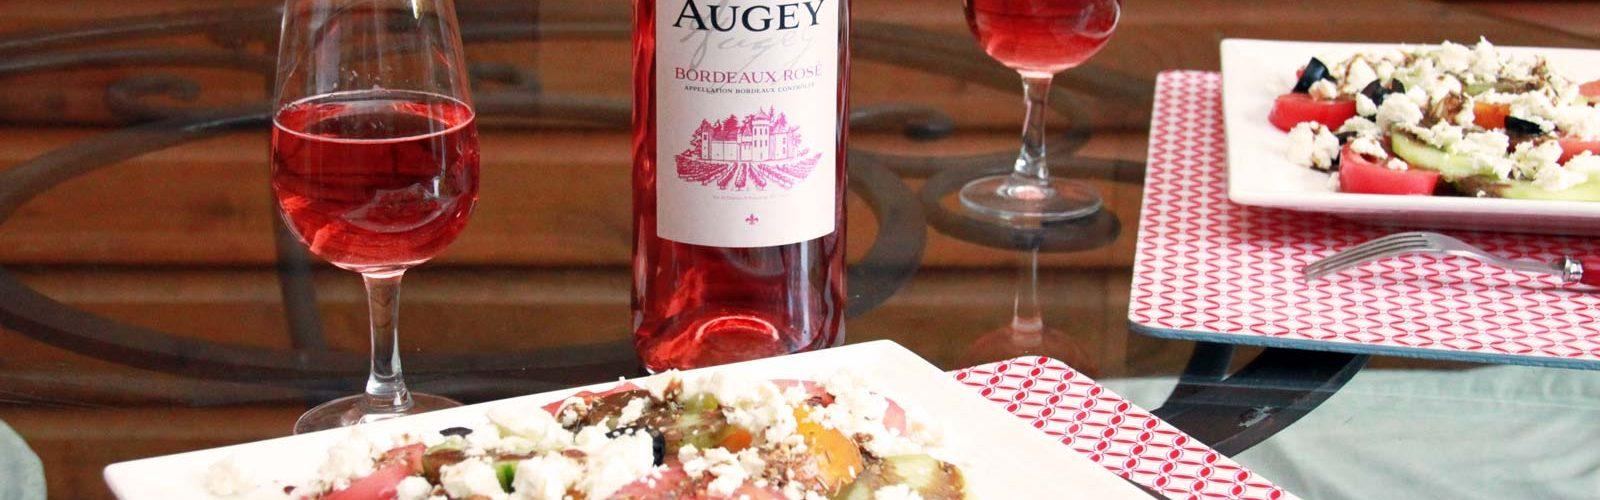 augey_rose_recette_2